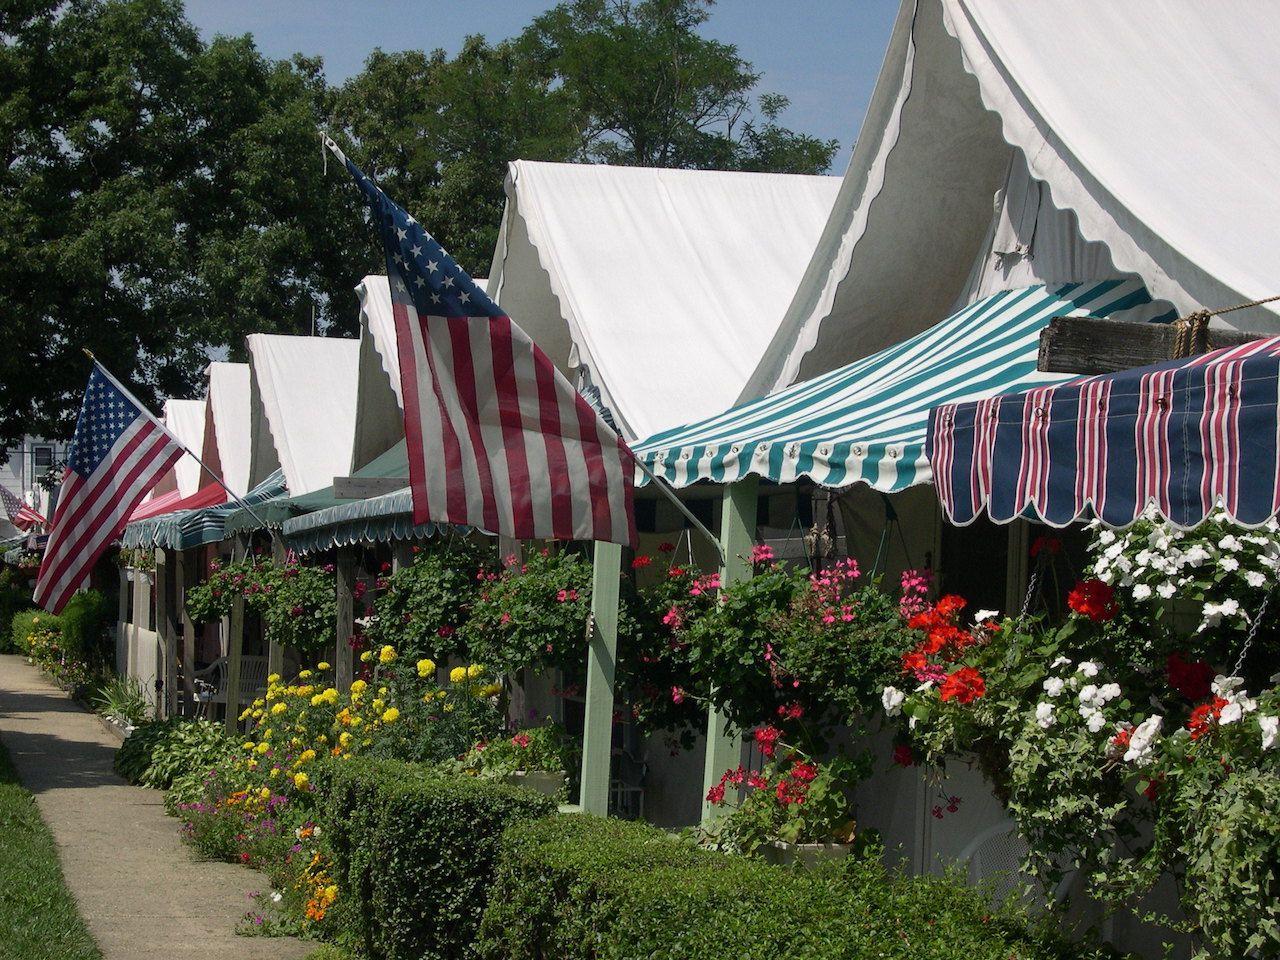 Tent City NJ